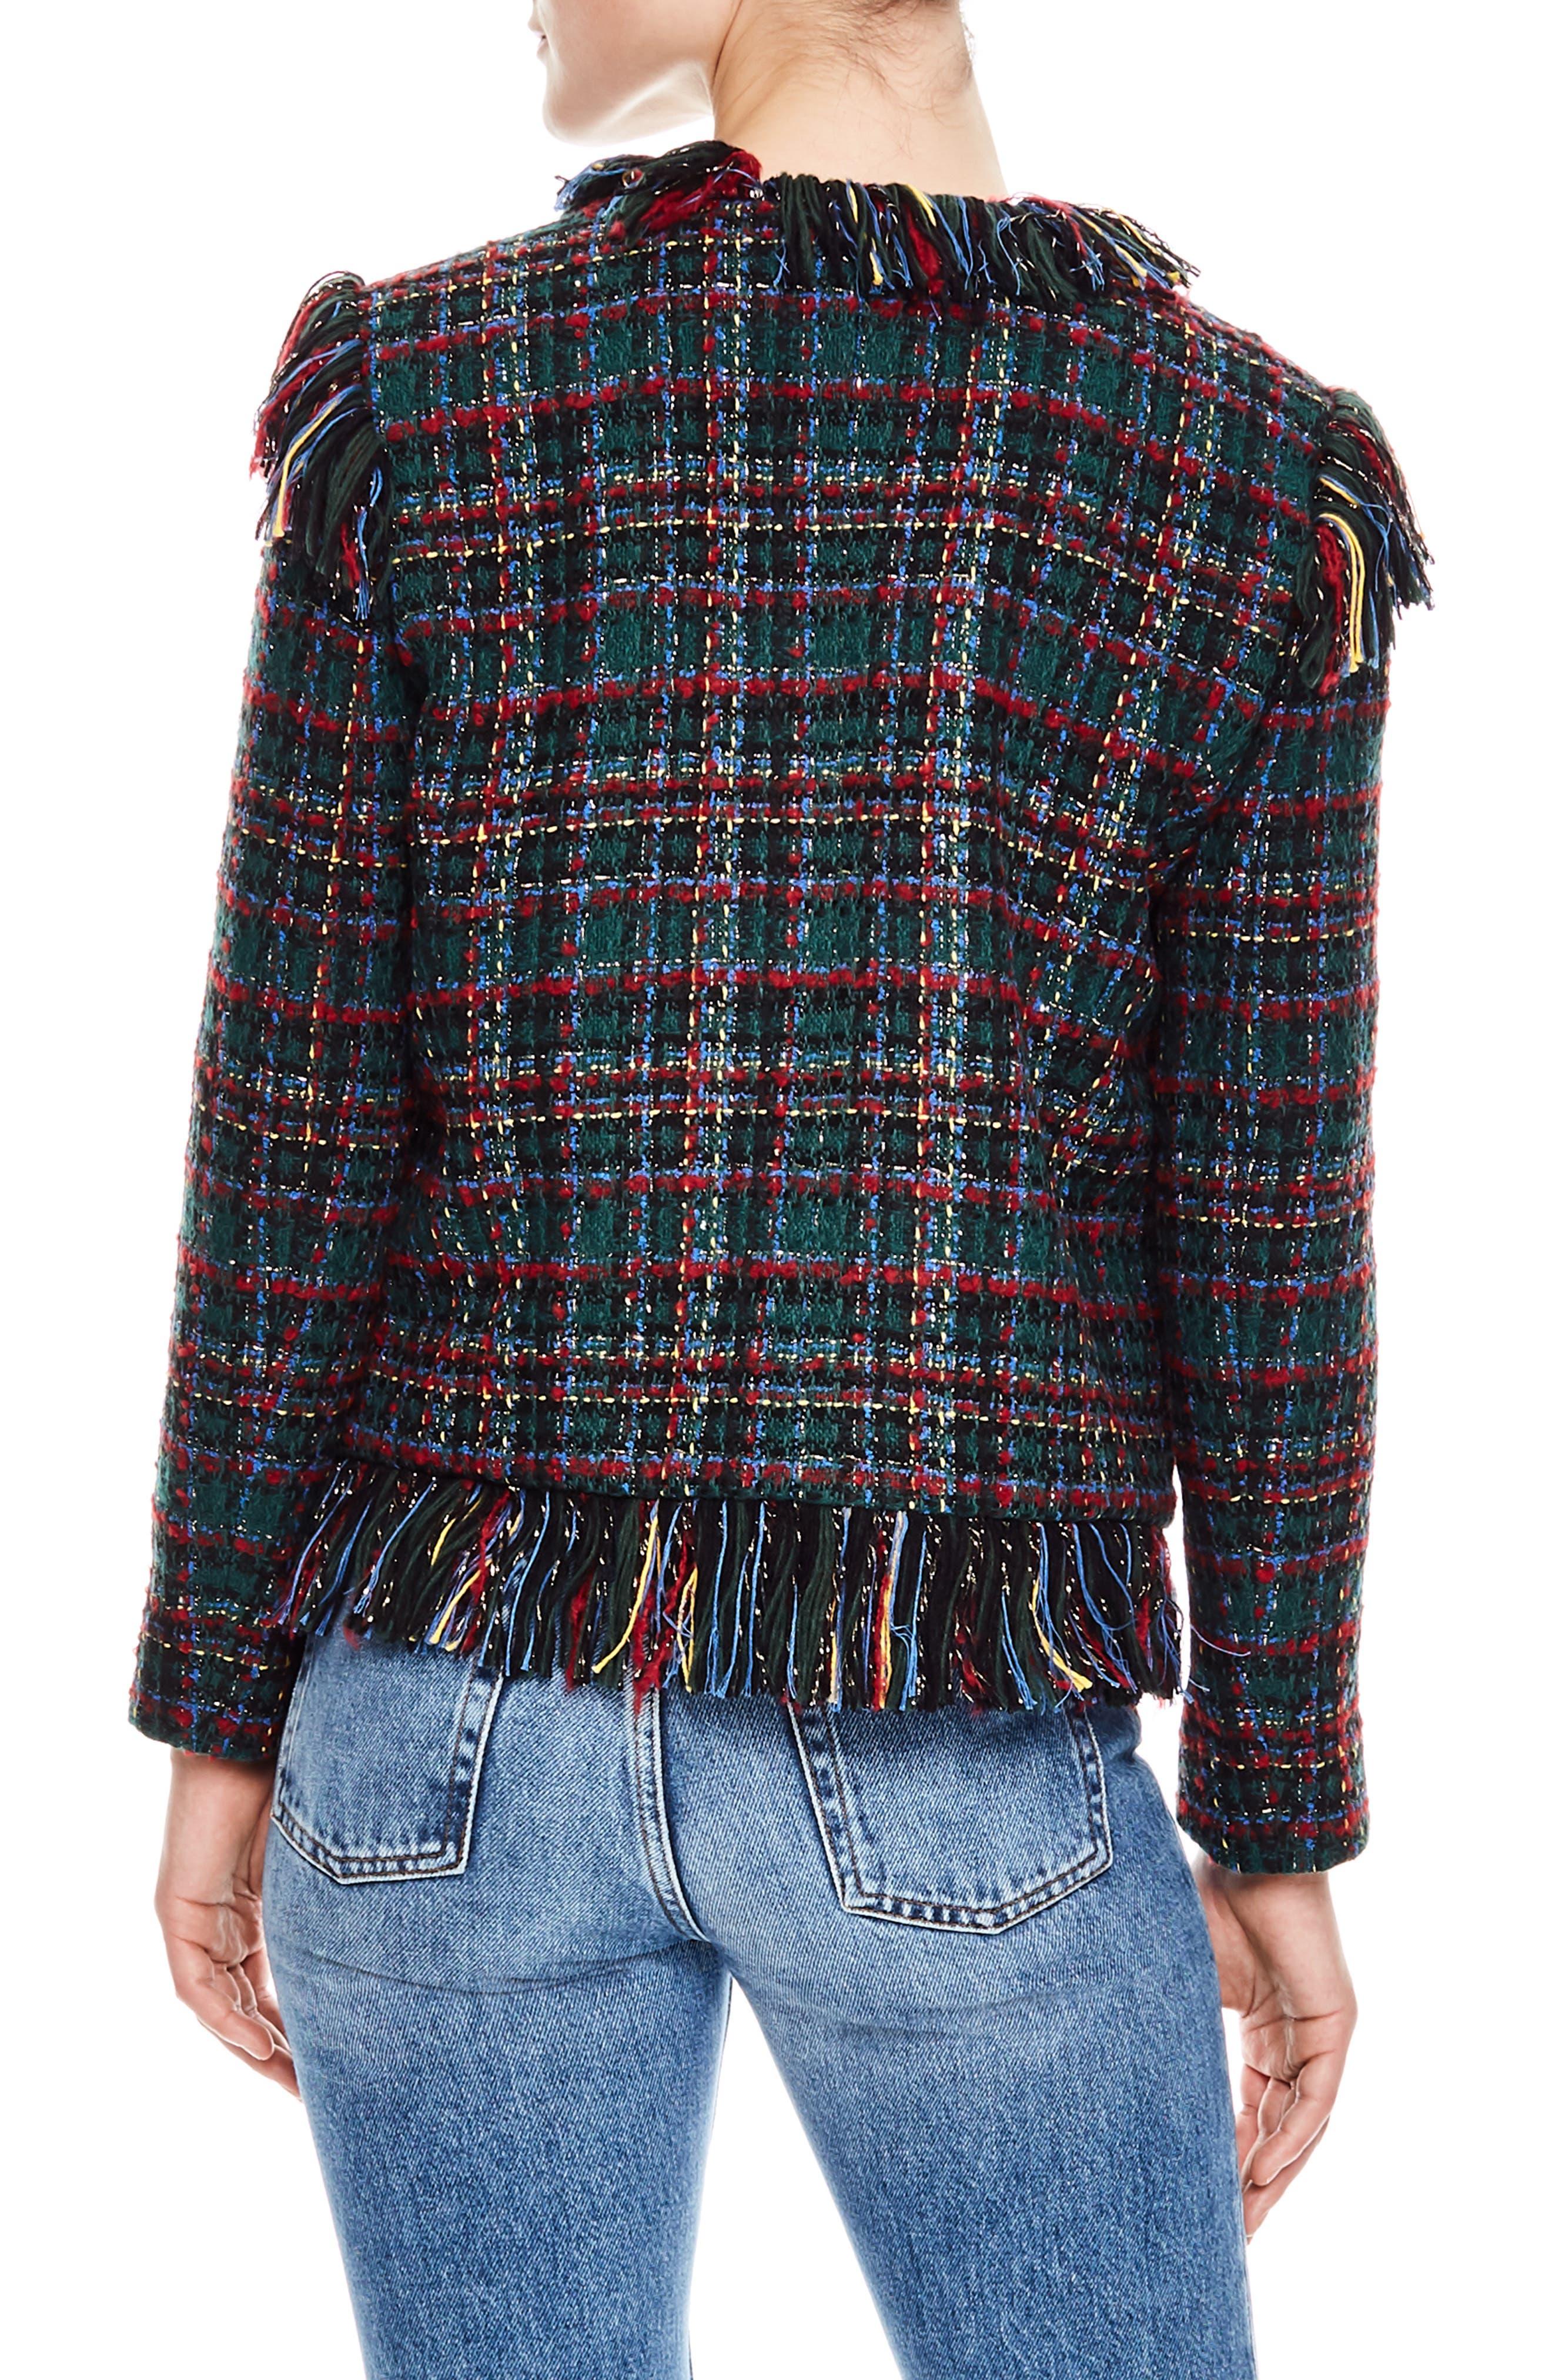 Pumba Plaid Tweed Jacket,                             Alternate thumbnail 2, color,                             MULTI-COLOR